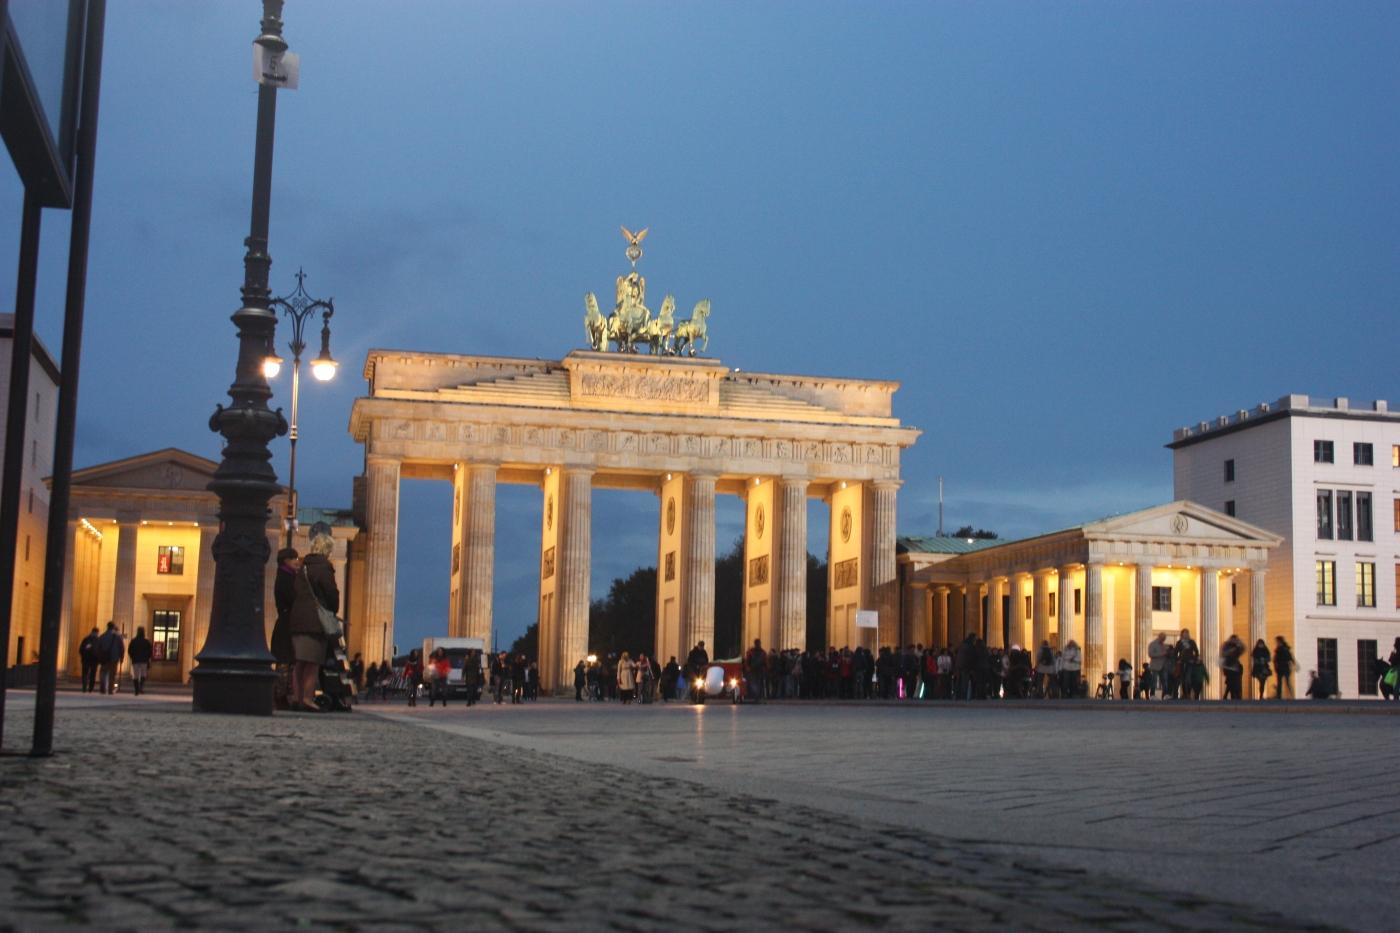 Inicio visita gratis por Berlín en la Puerta de Brandemburgo